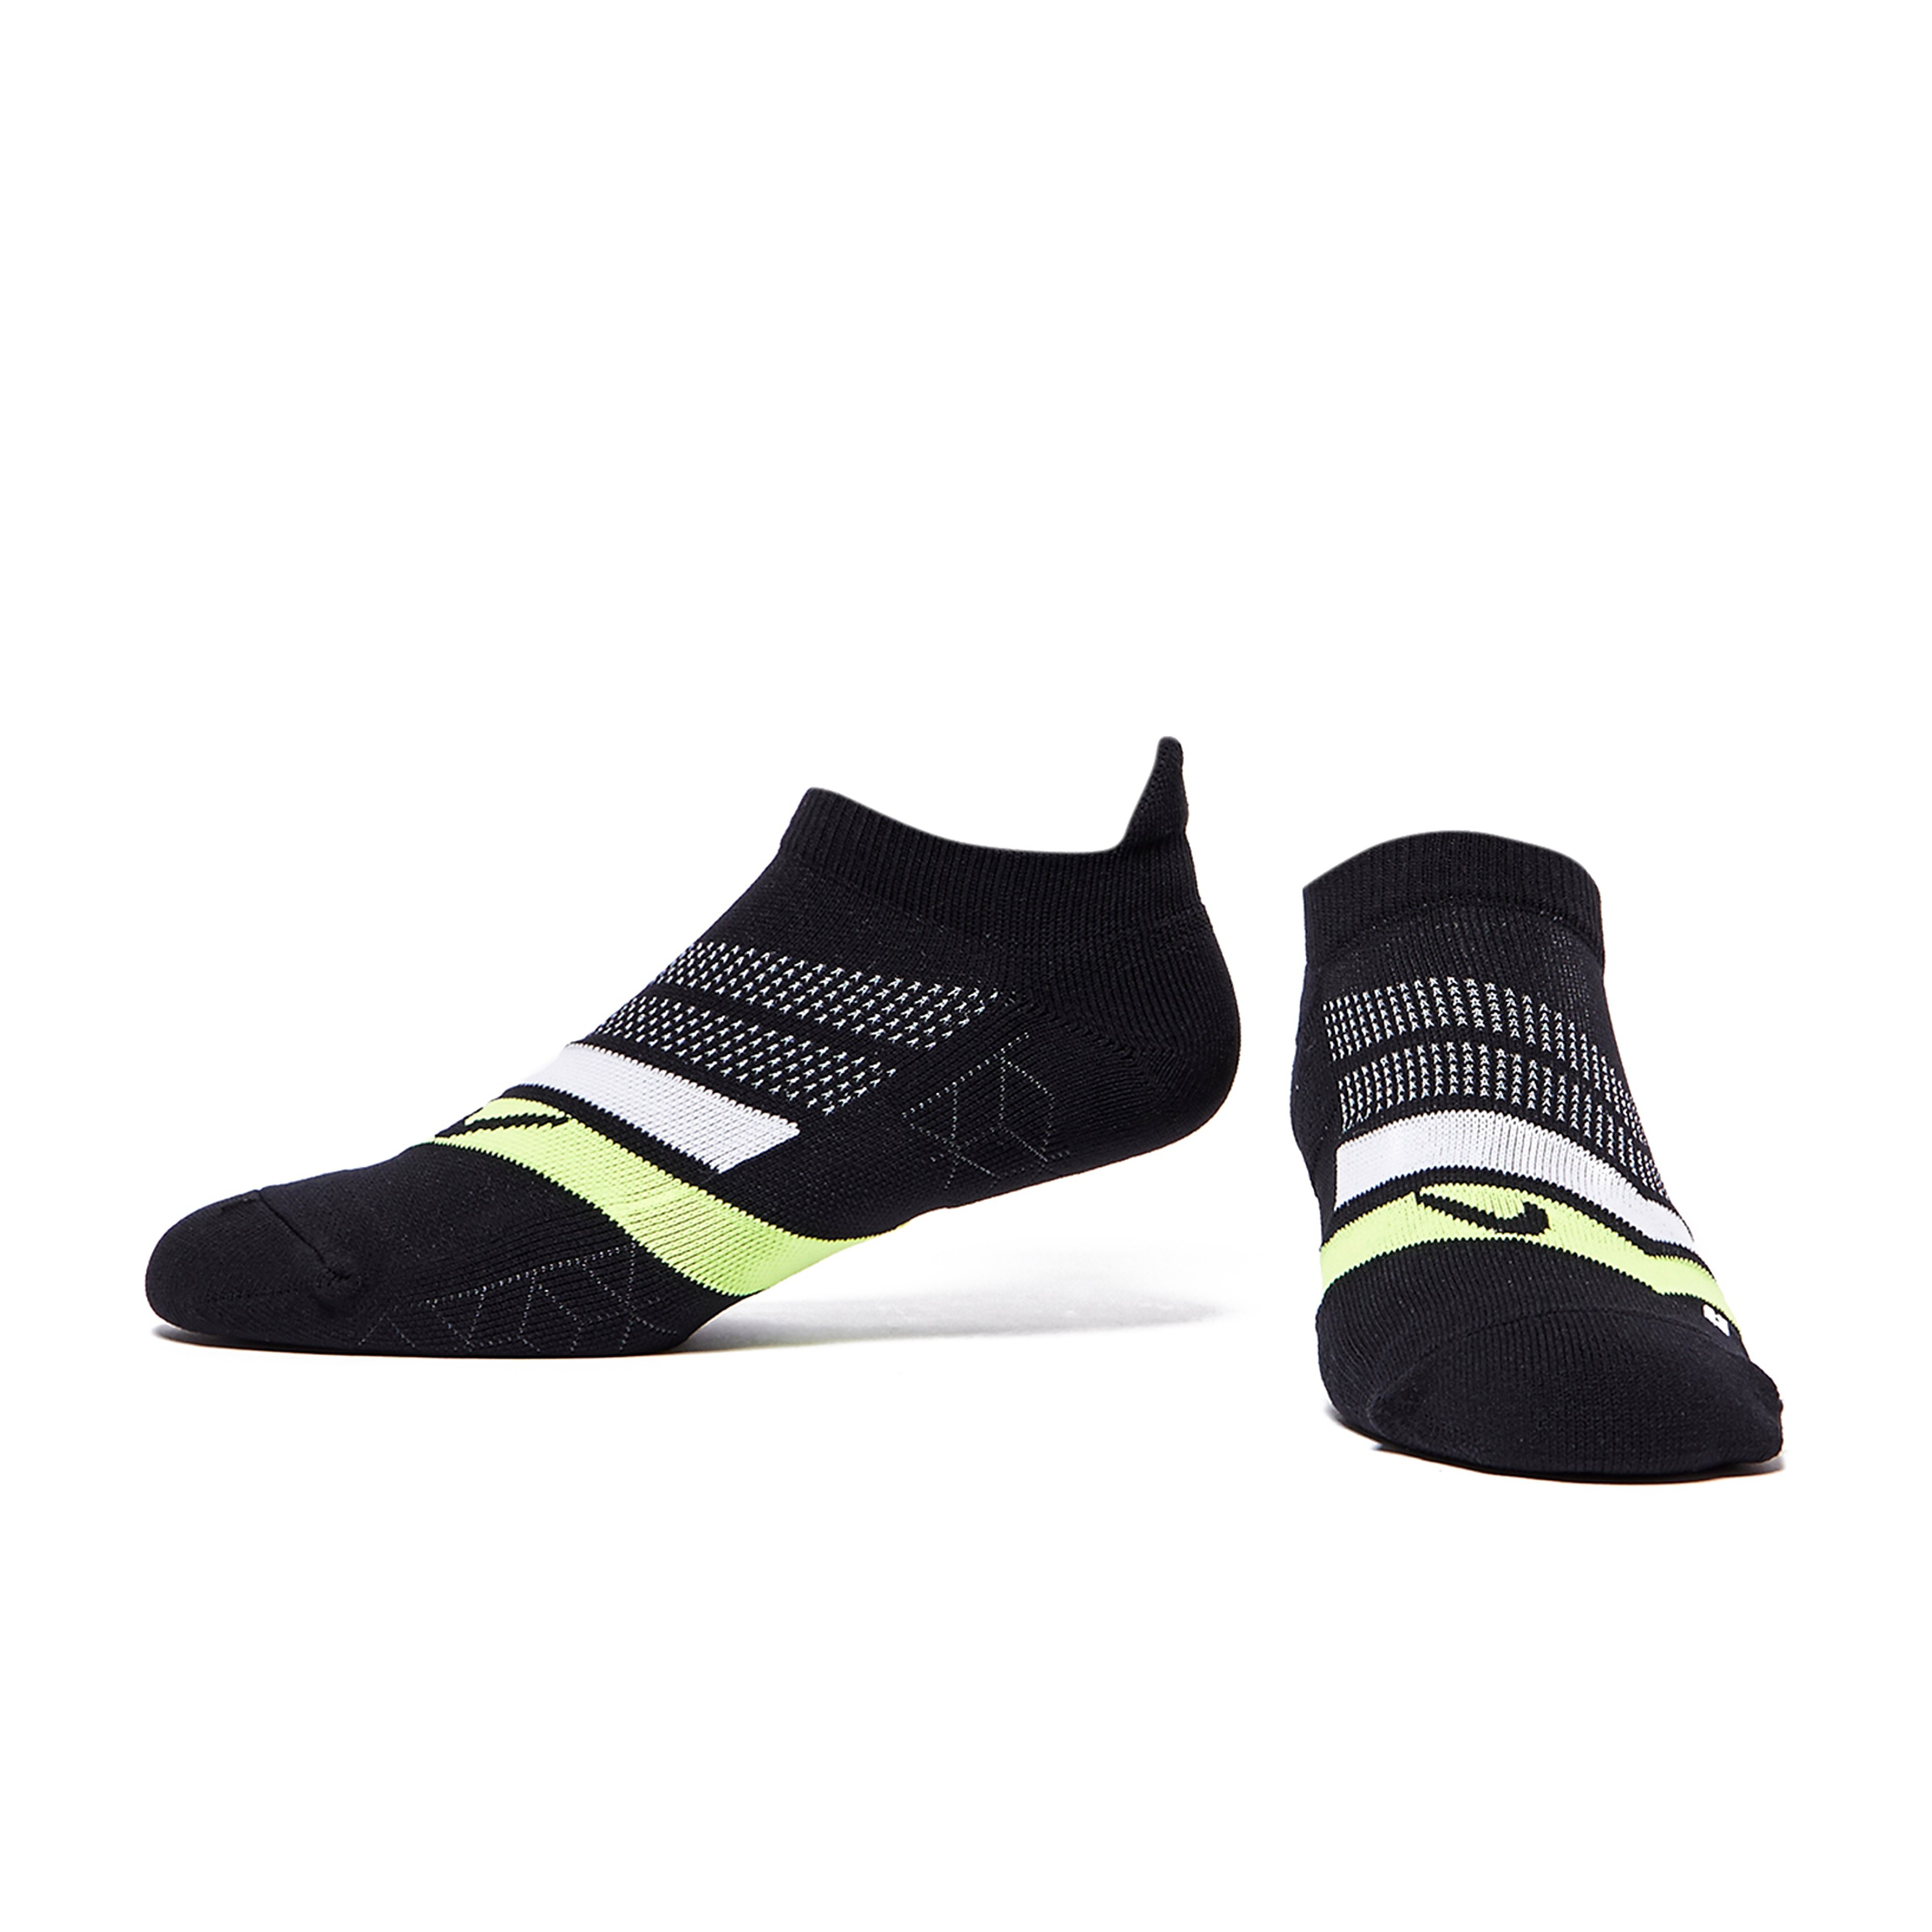 Nike Dry Cushion Dynamic Arch Running Socks